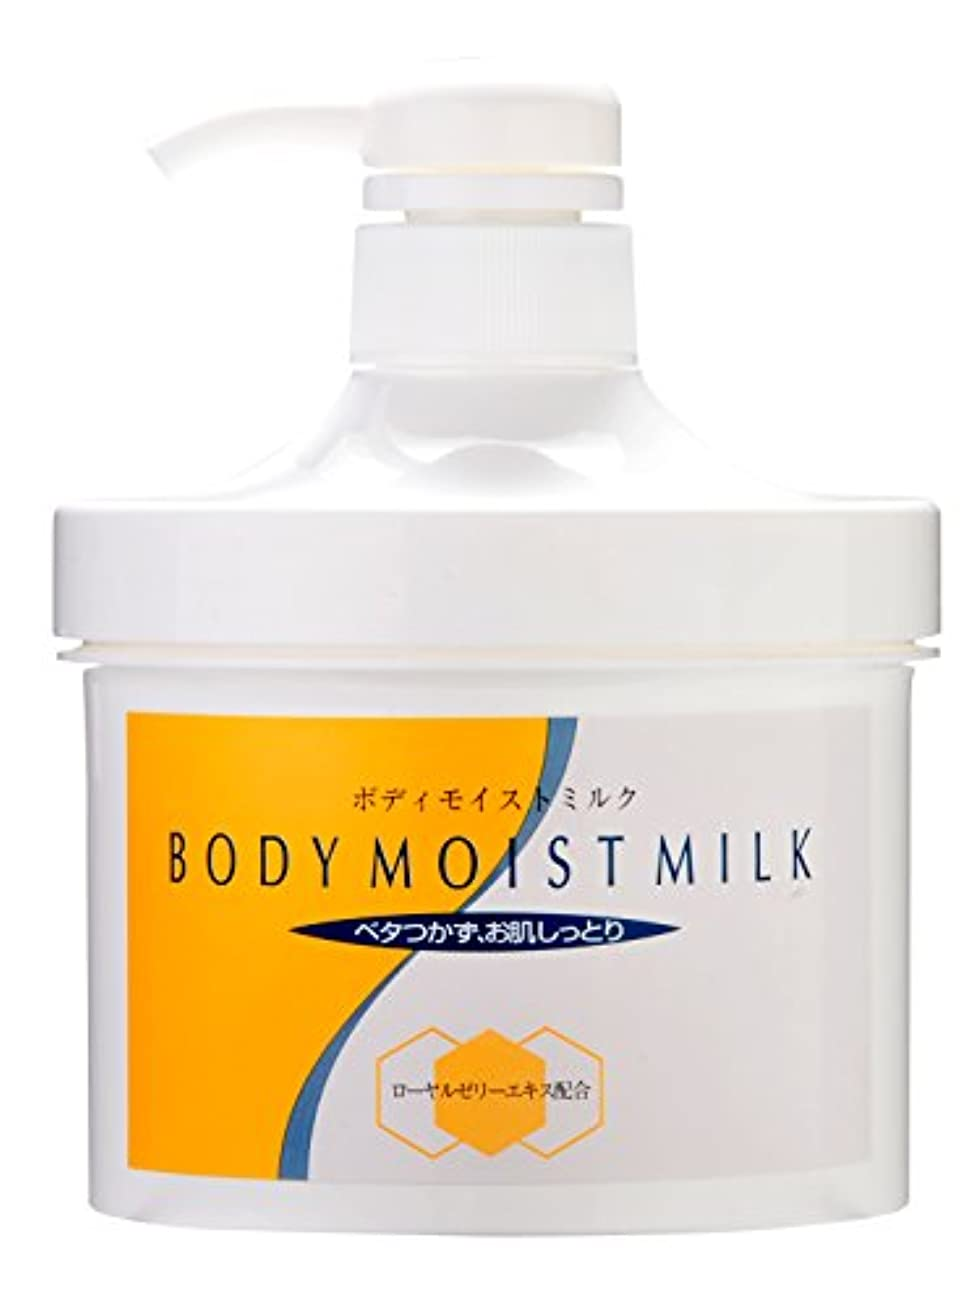 敷居フライト遠征◆ボディモイストミルク(ボデイクリーム) 全身保湿乳液 無香料